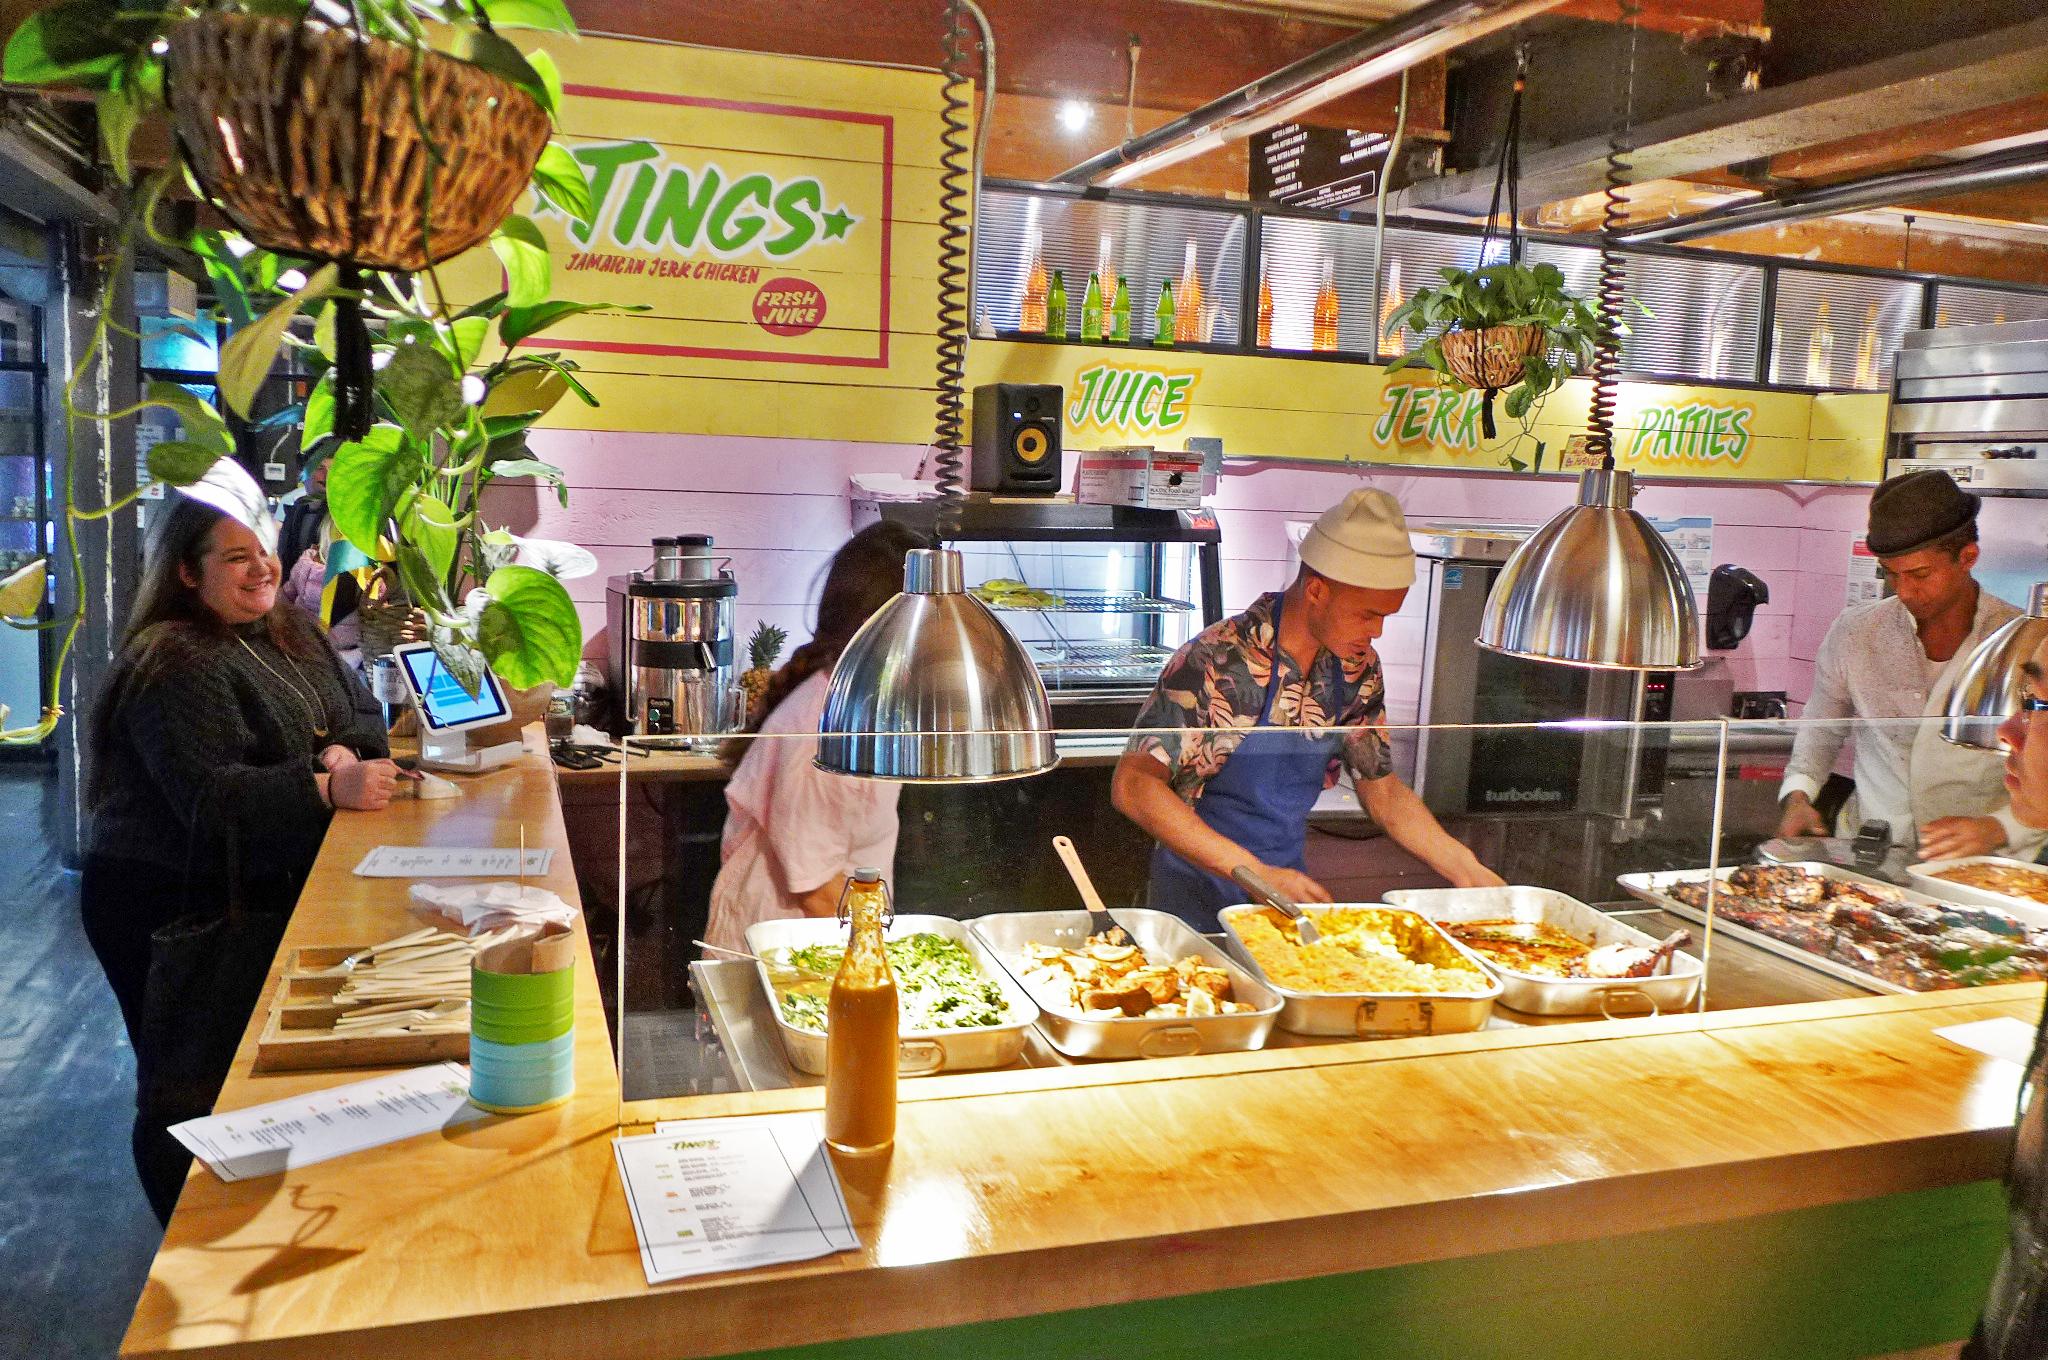 Tings in Chelsea Market